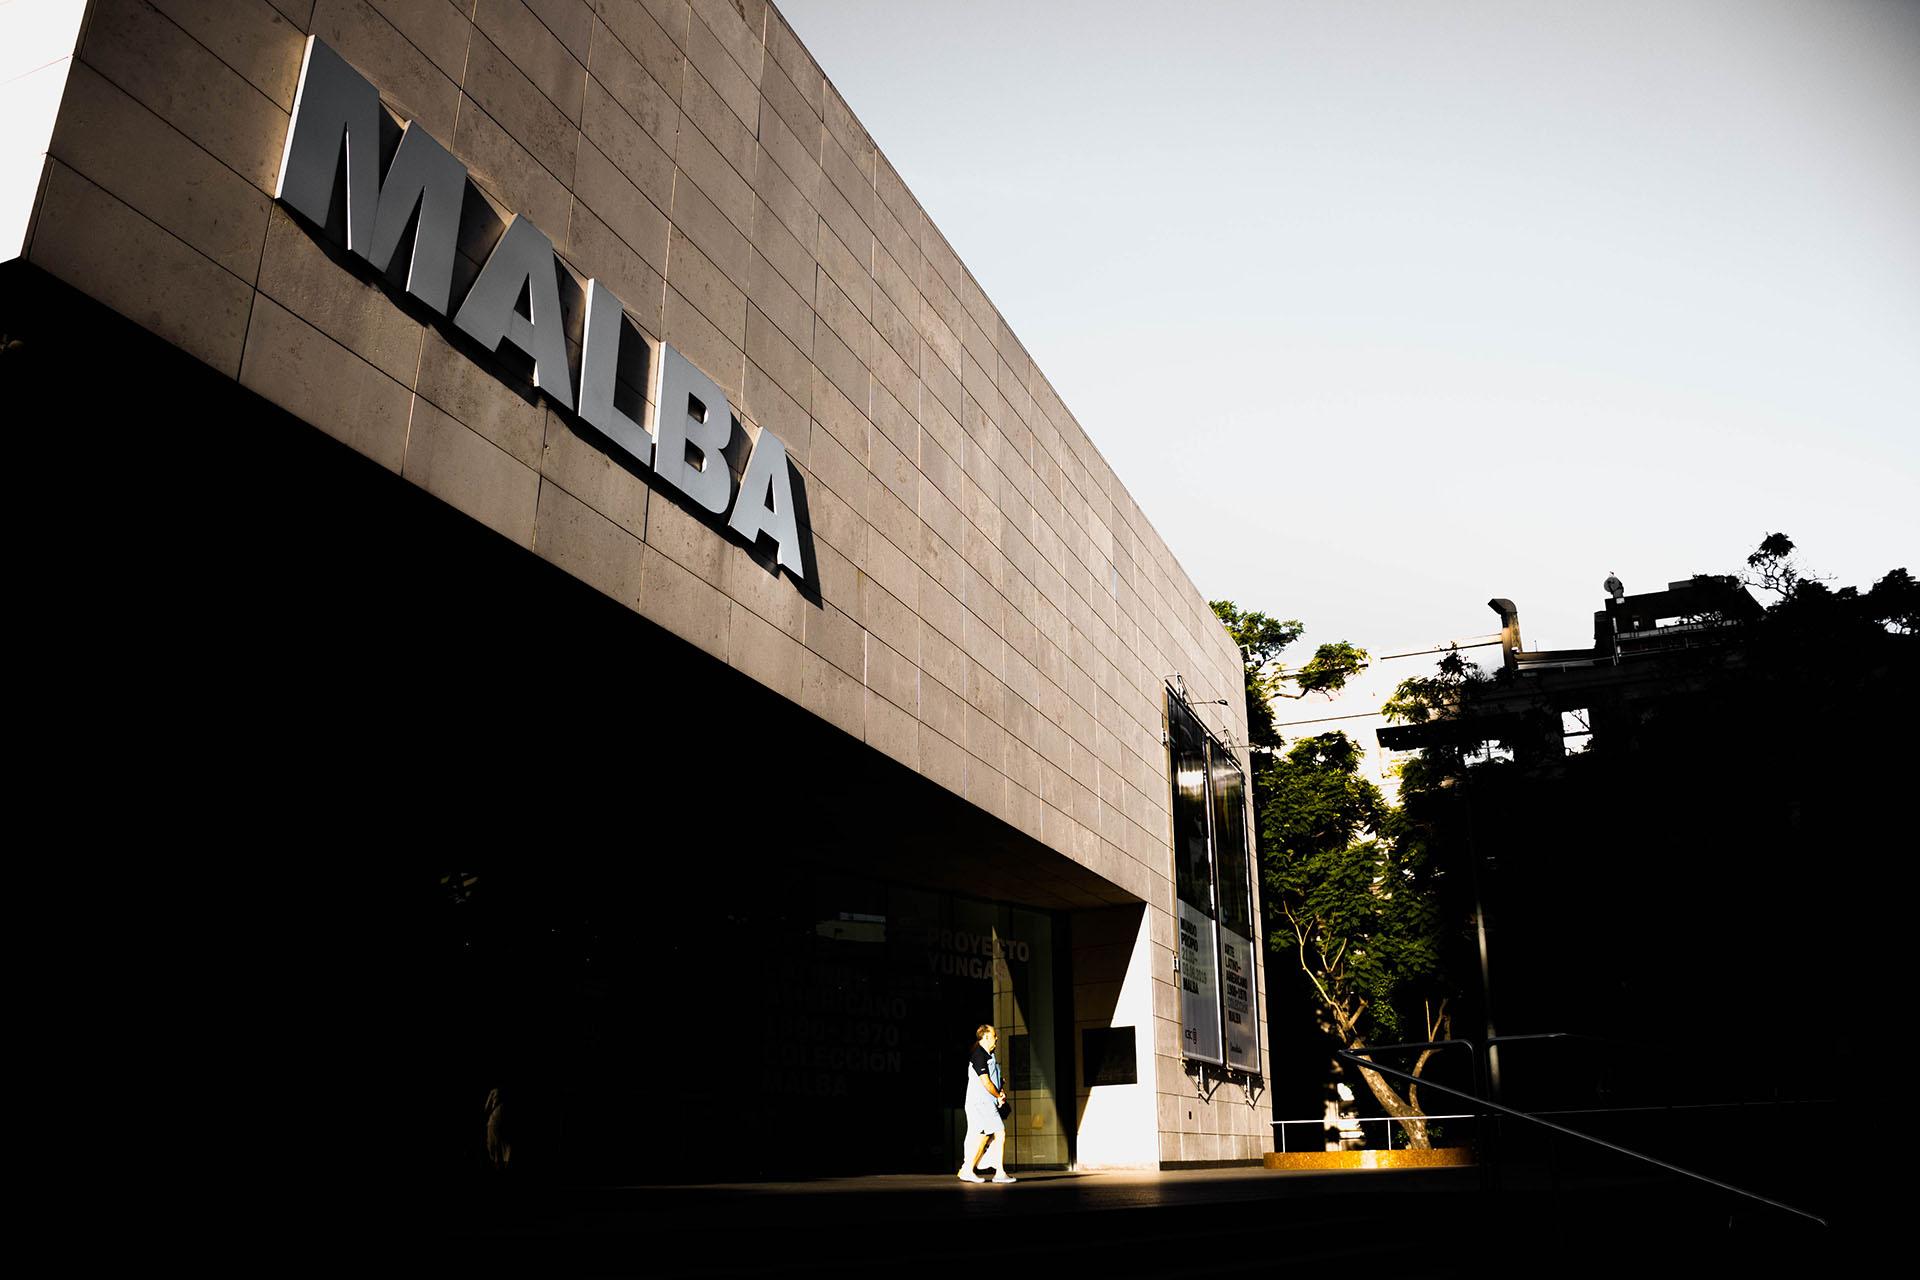 La imponente fachada del Malba, en Palermo Chico